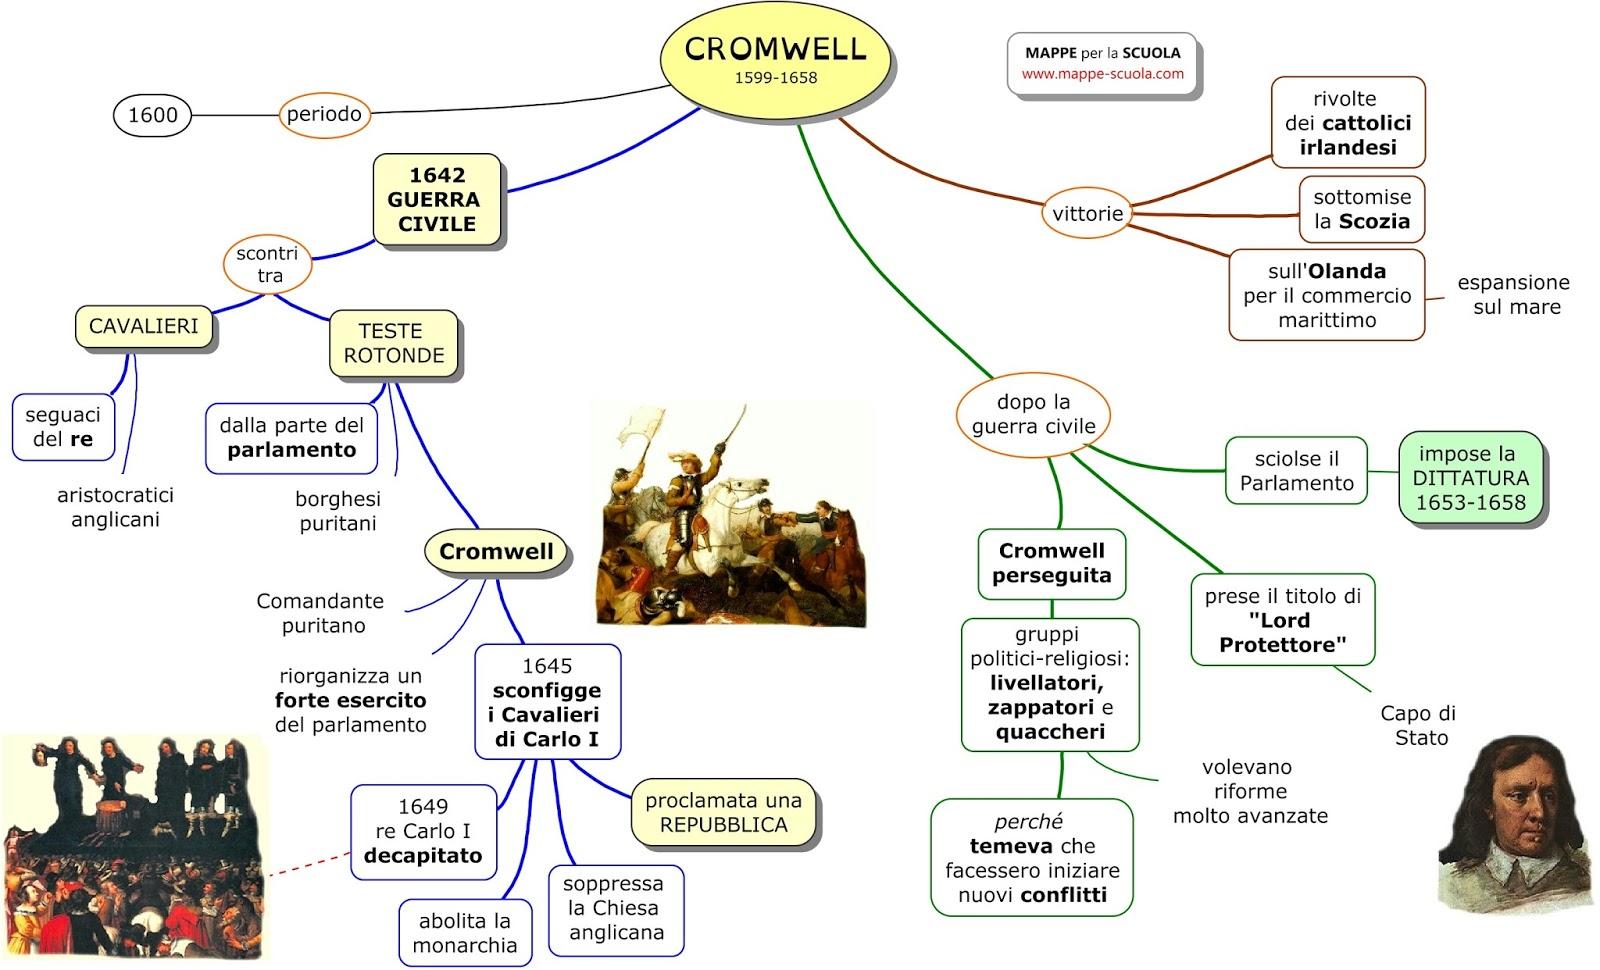 Mappe per la scuola oliver cromwell for Nuovo design per l inghilterra